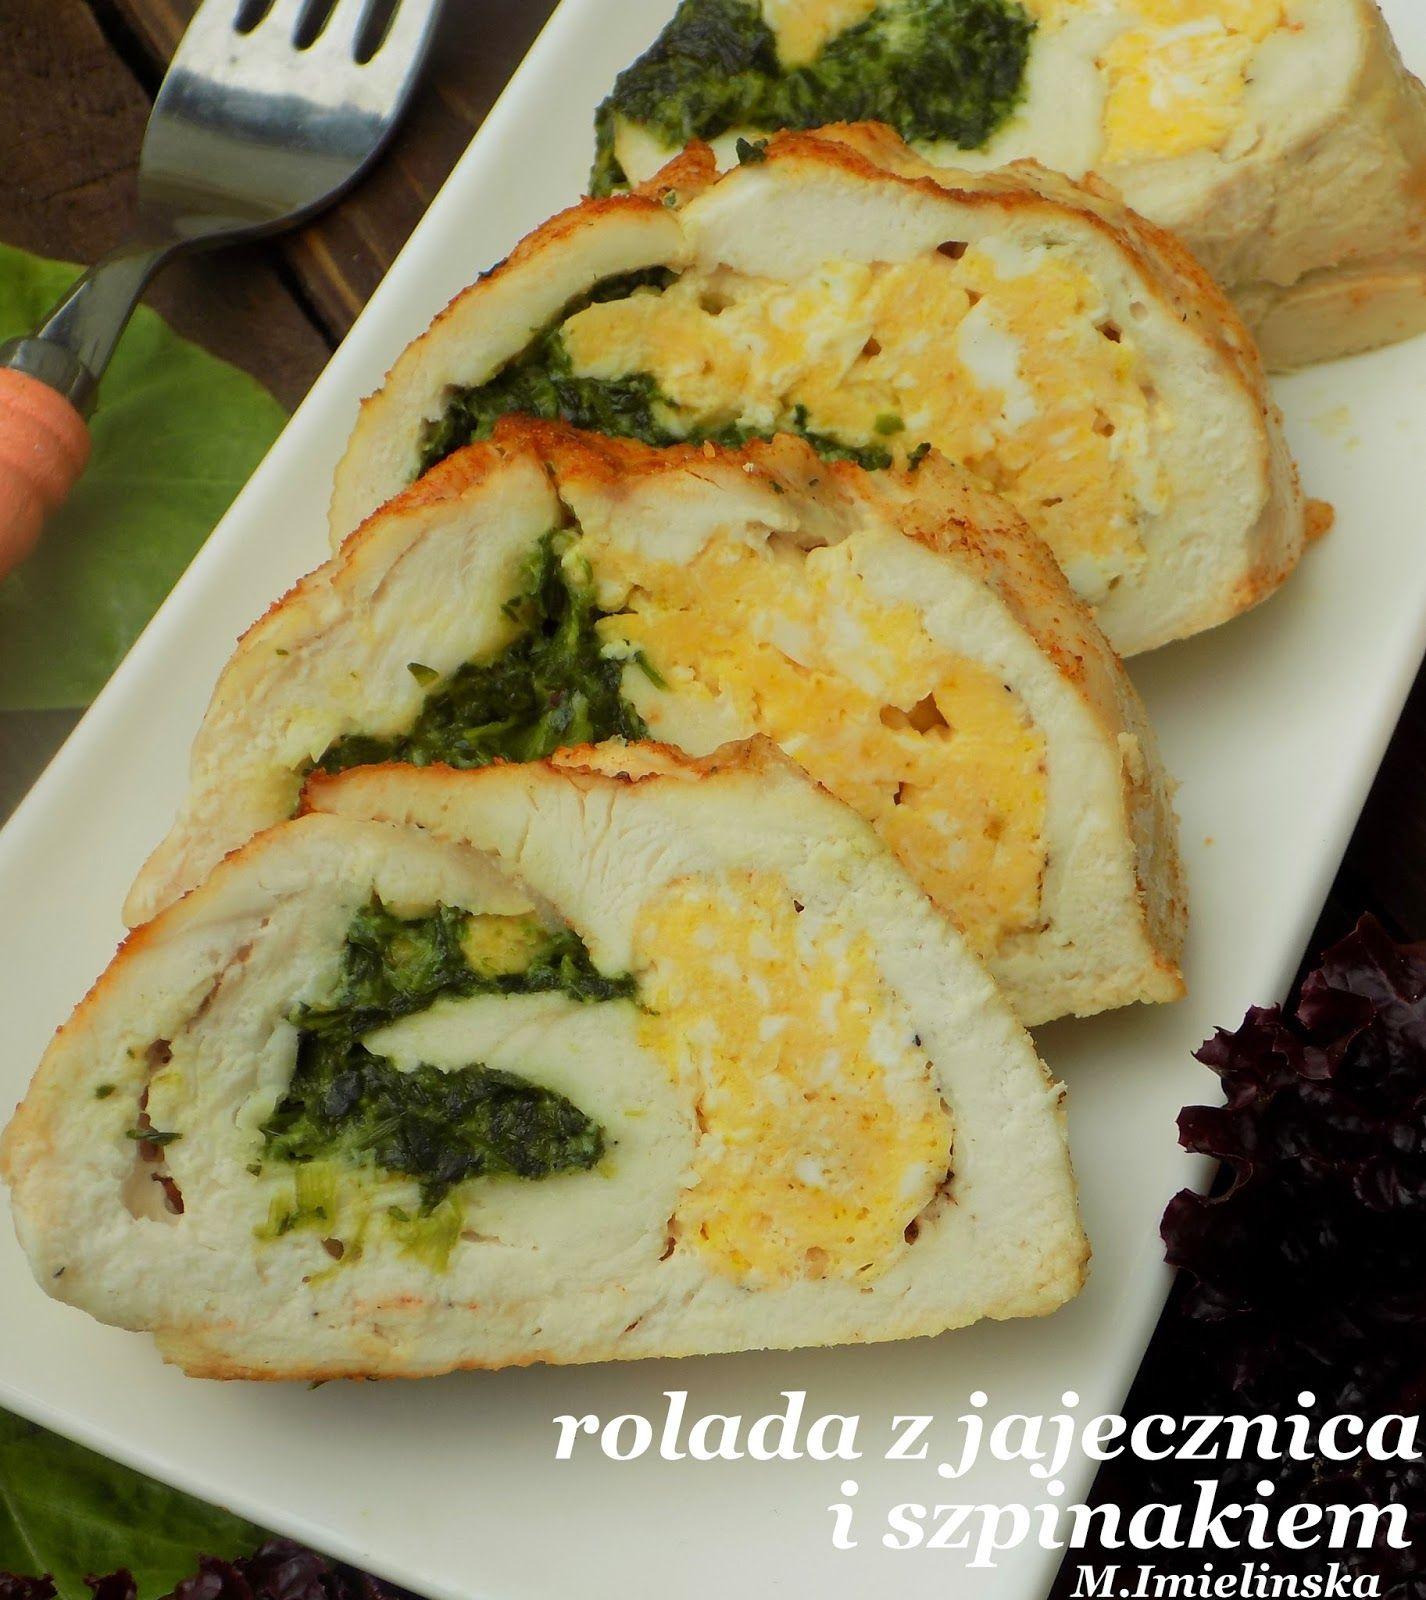 Domowa Cukierenka Domowa Kuchnia Rolada Drobiowa Z Jajecznica I Szpinakiem Healthy Potato Recipes Poultry Recipes Food